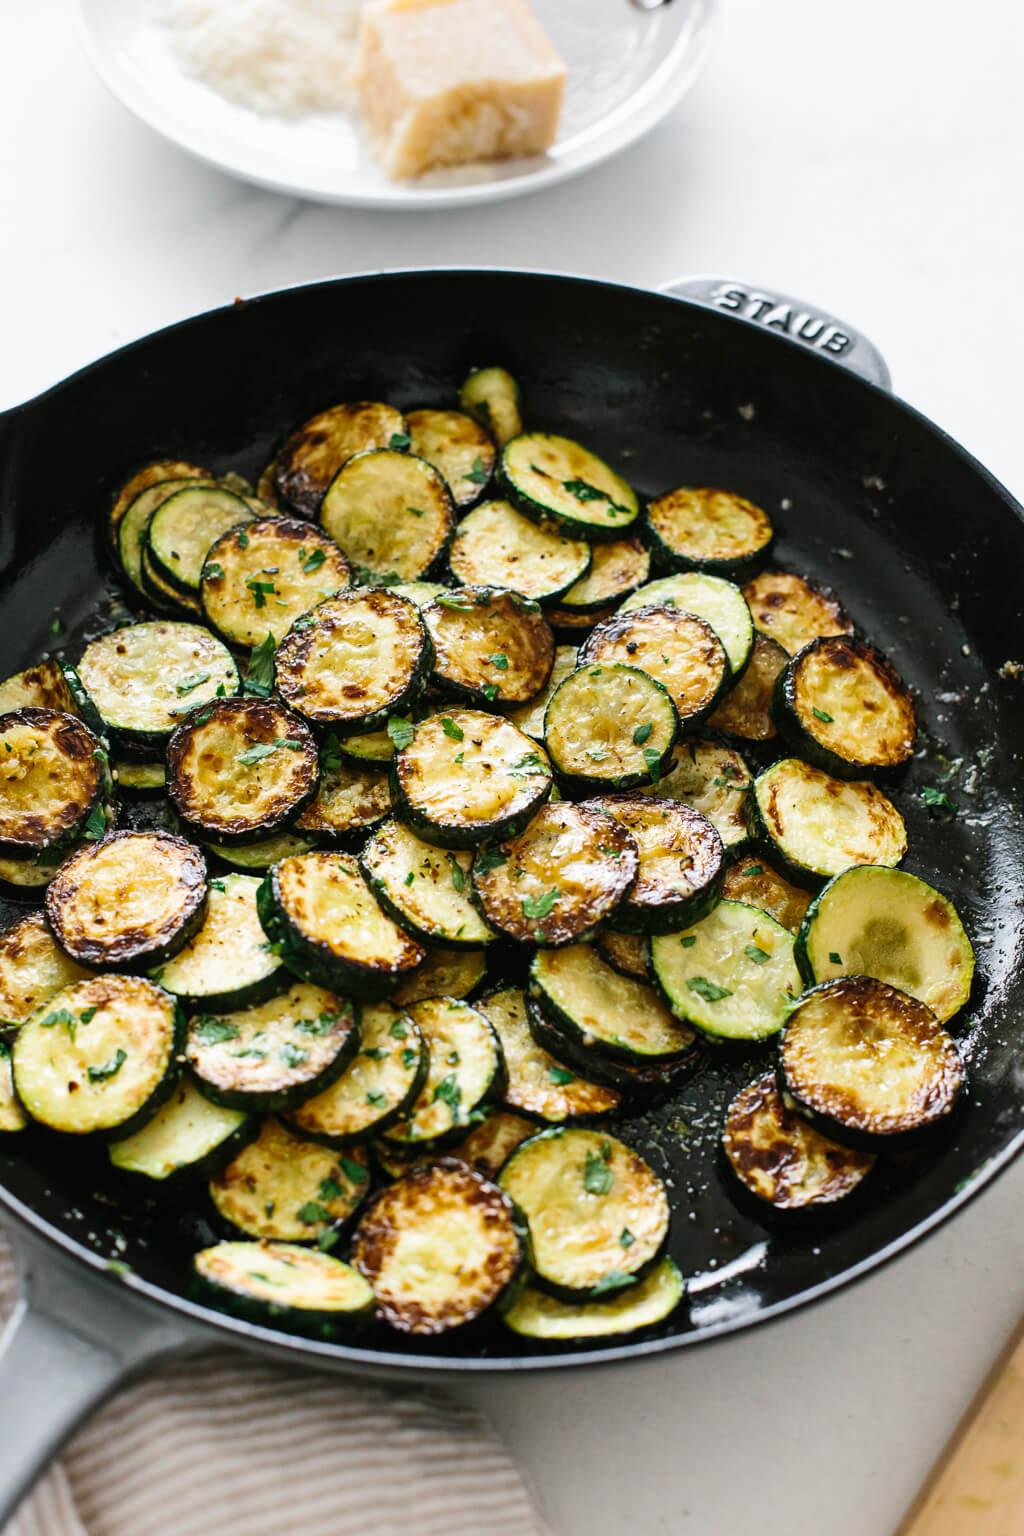 Sauteed zucchini in a pan.